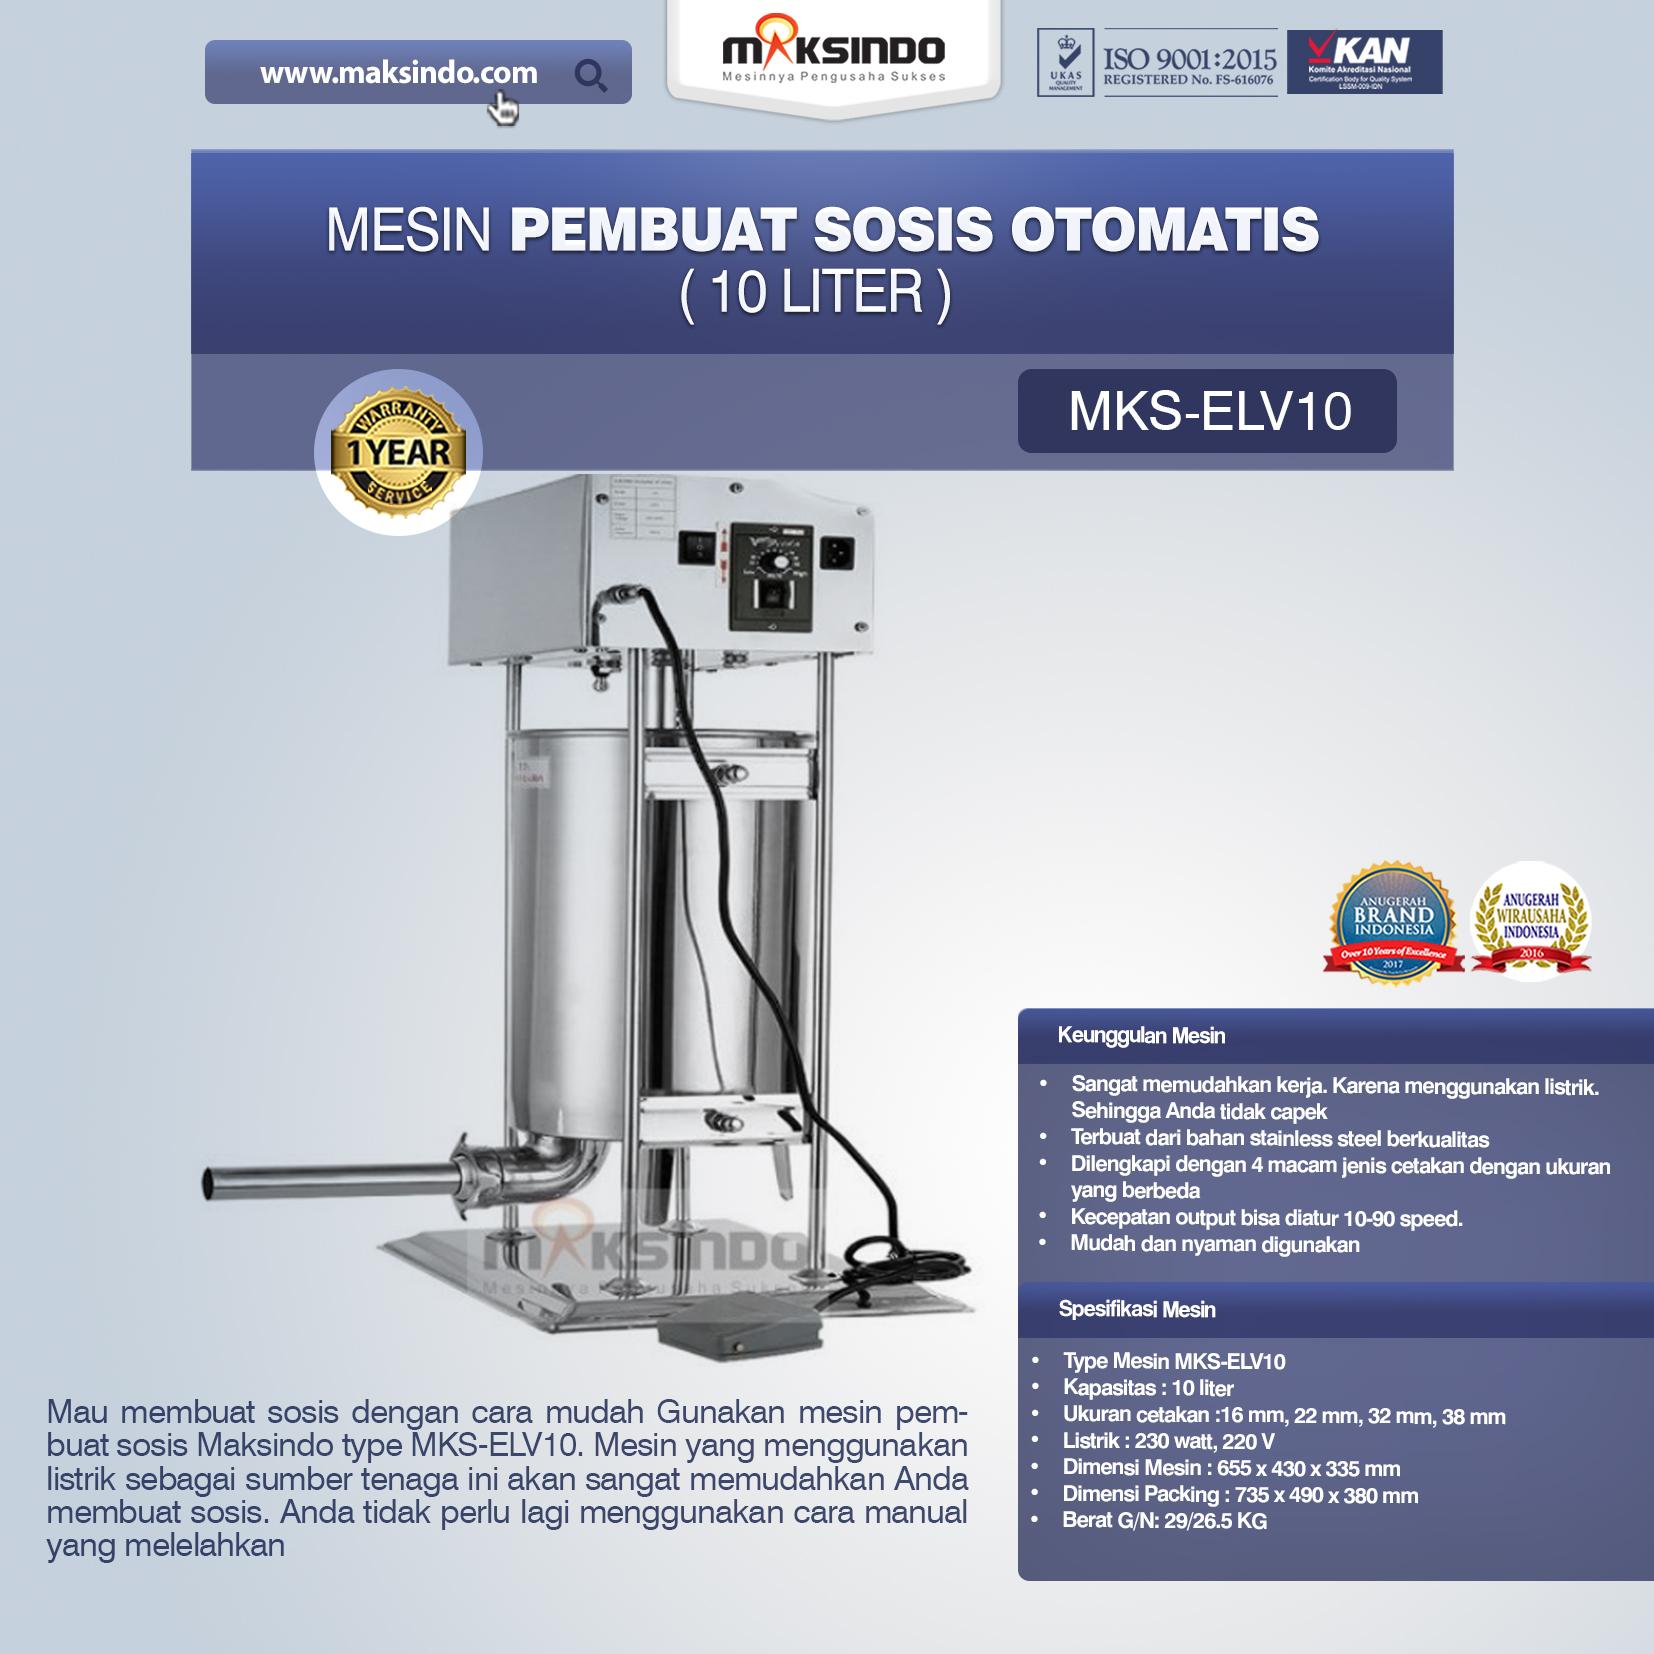 Jual Mesin Pembuat Sosis Otomatis (MKS-ELV10) di Malang